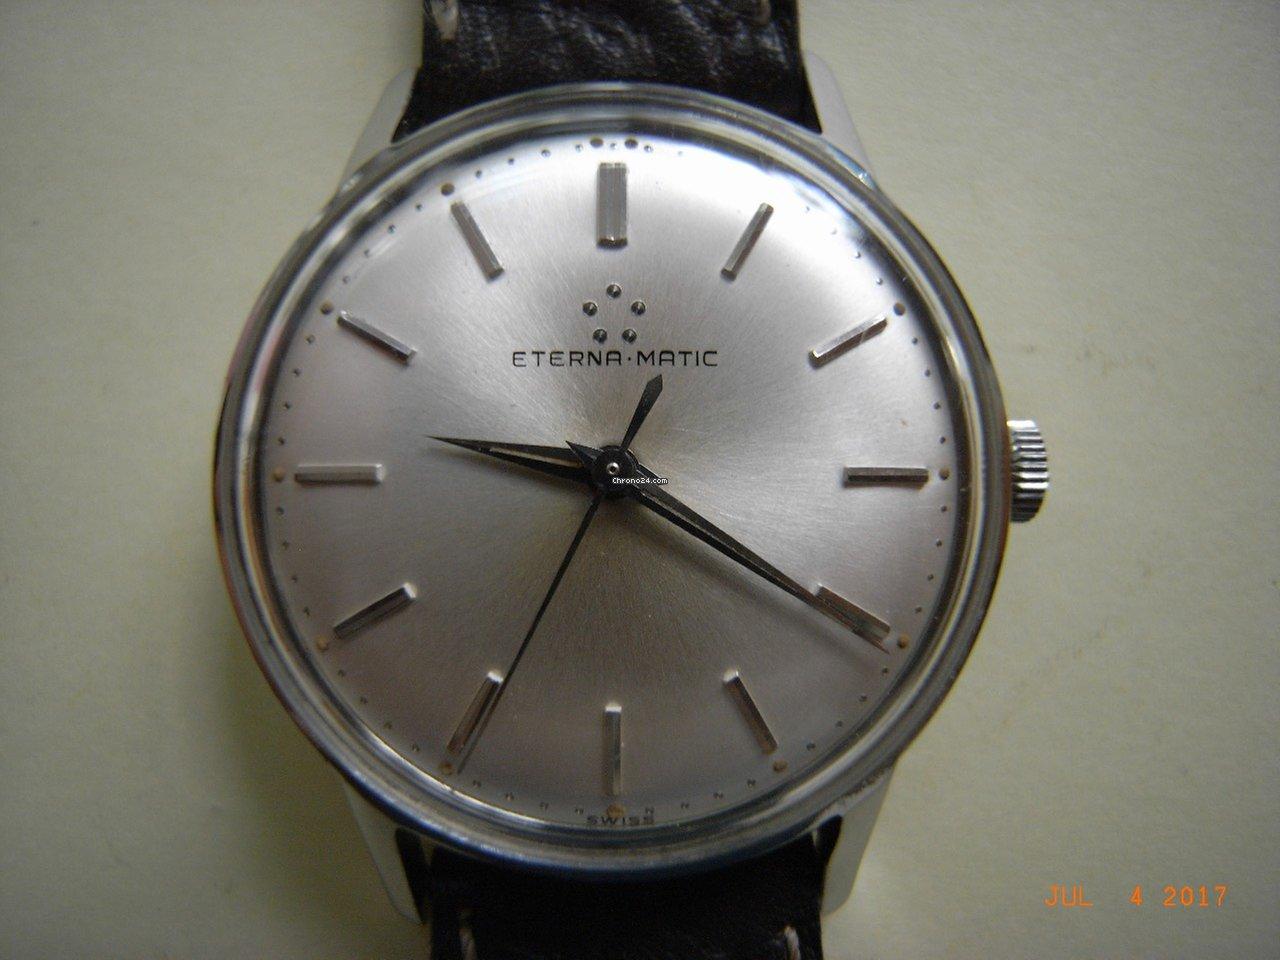 902f02f4bb1 Eterna Matic Aço - Todos os preços de relógios Eterna Matic Aço na Chrono24